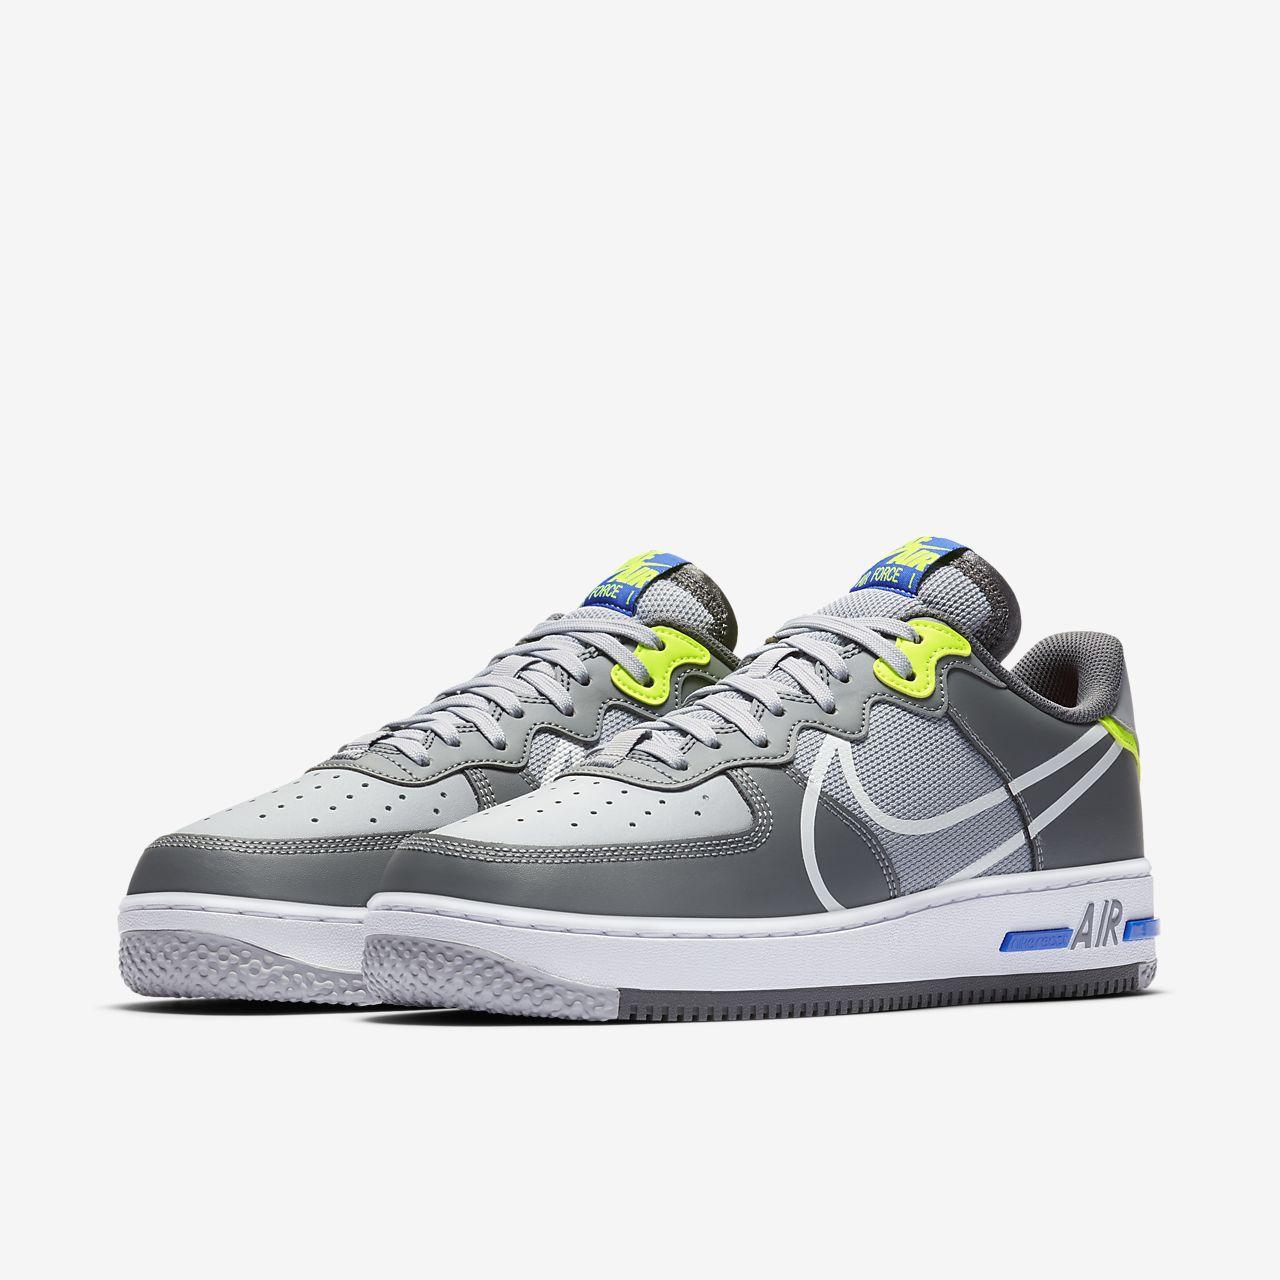 Nike gör om de klassiska Air Force 1 och ger dem ny design